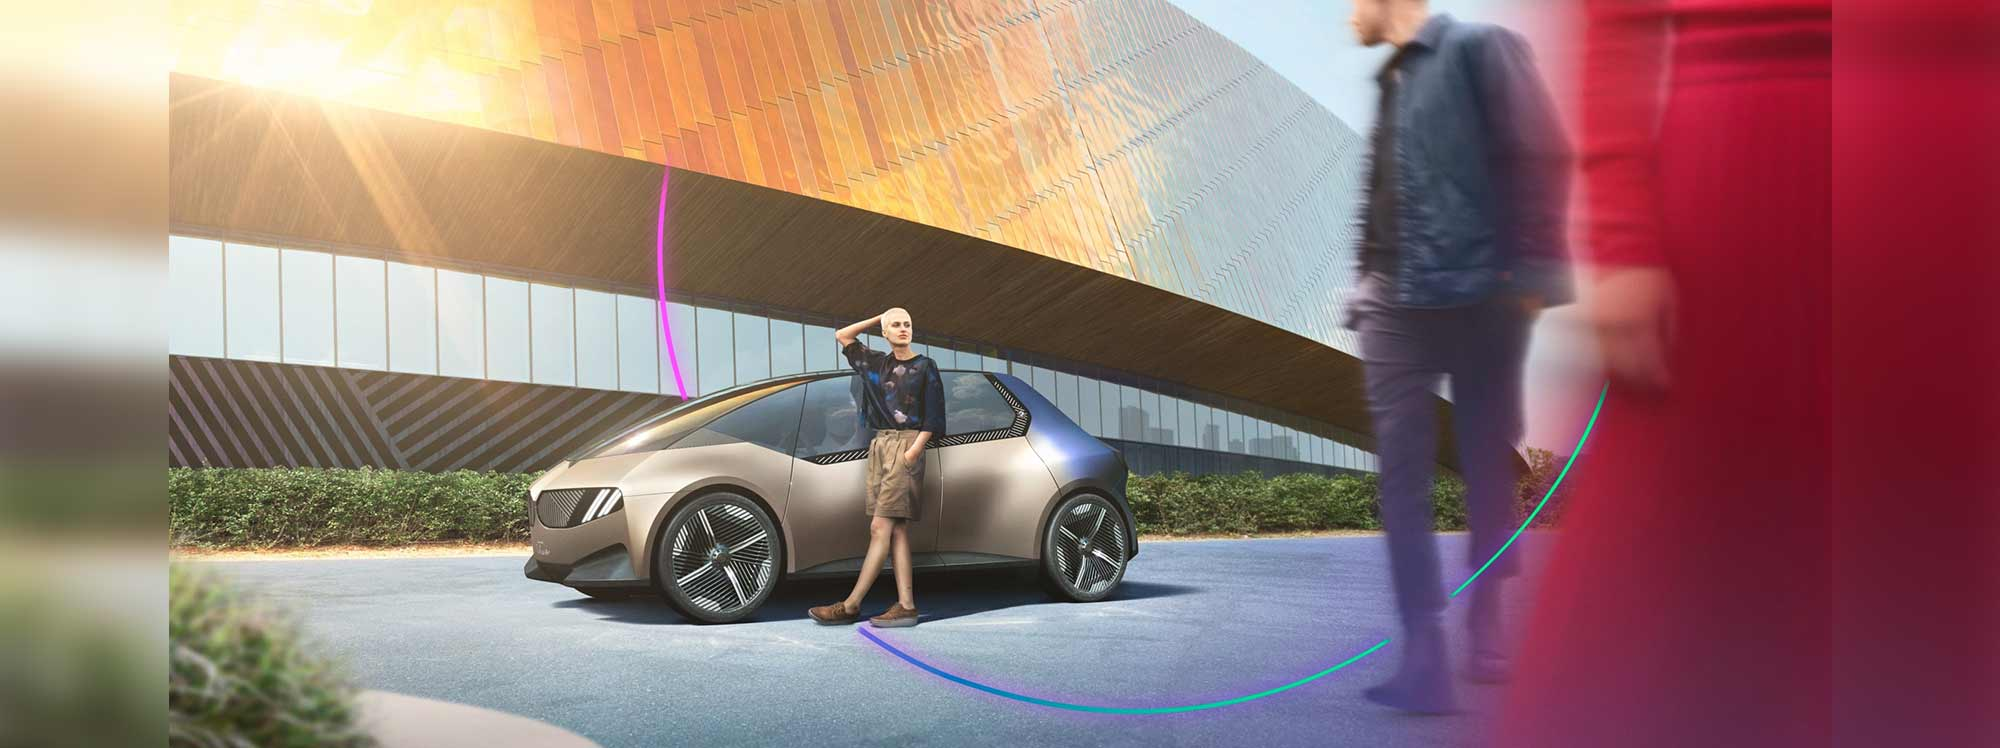 El innovador BMW i Vision Circular